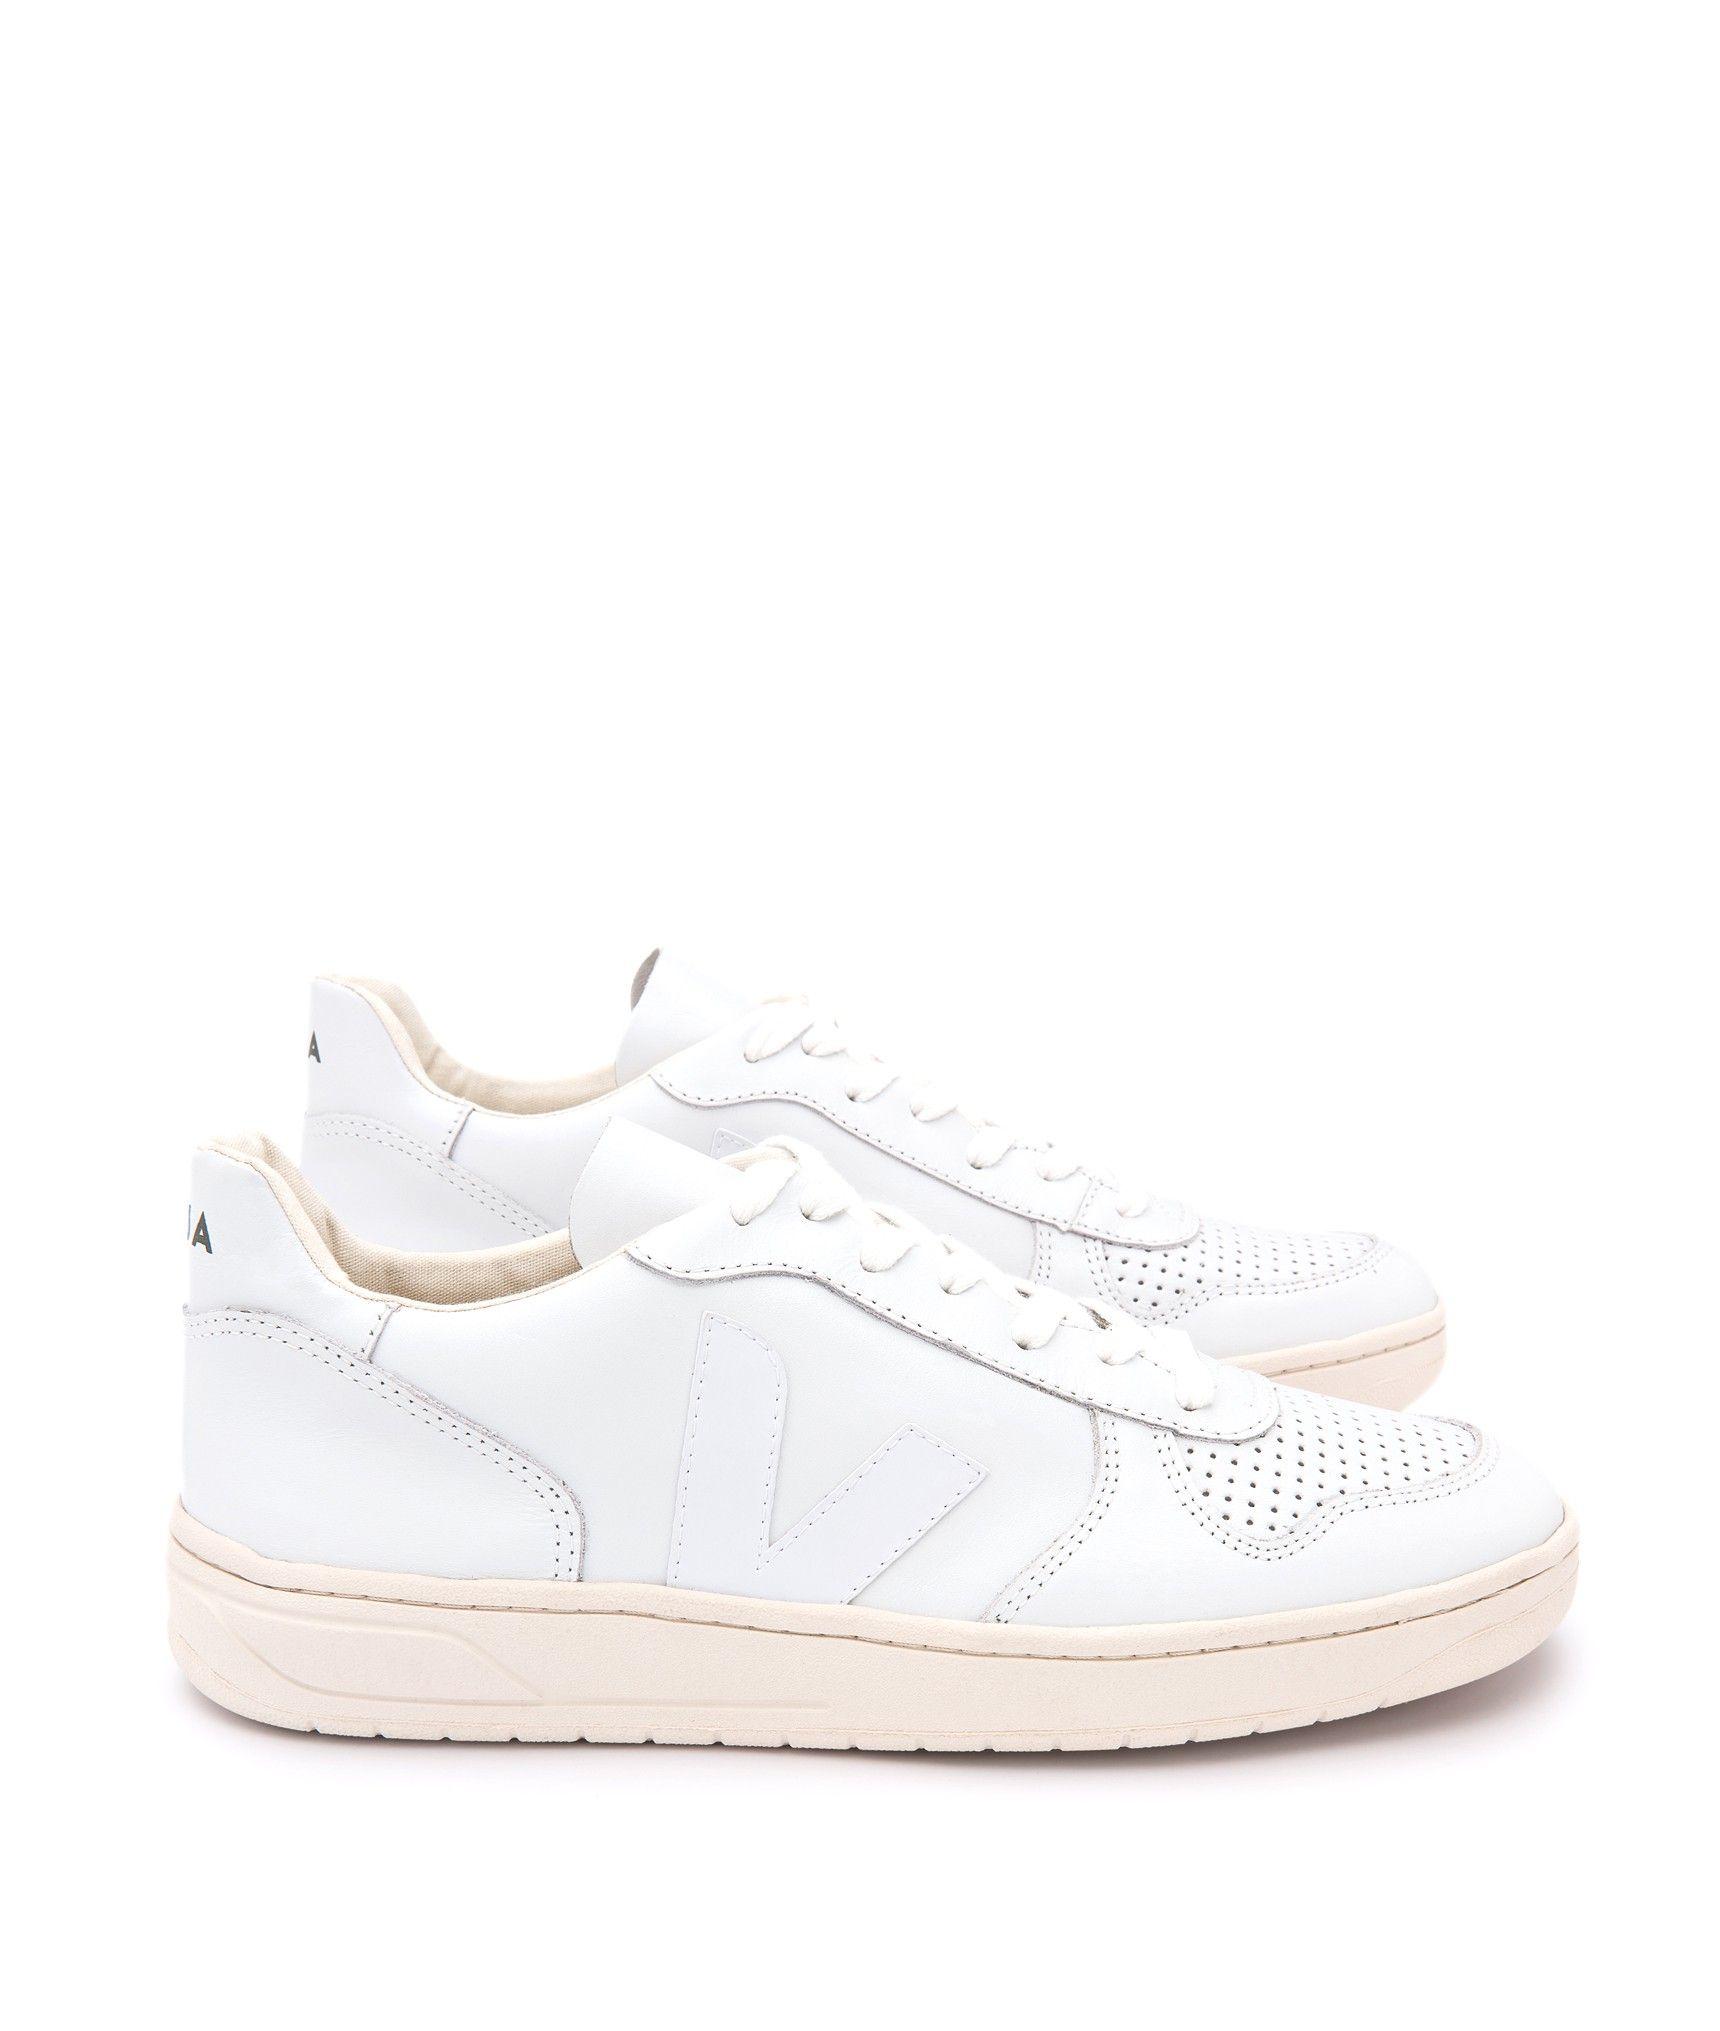 V10 Schuhe Veja 37 Bei Faire Für • Extra White Damen WHIe29YDE